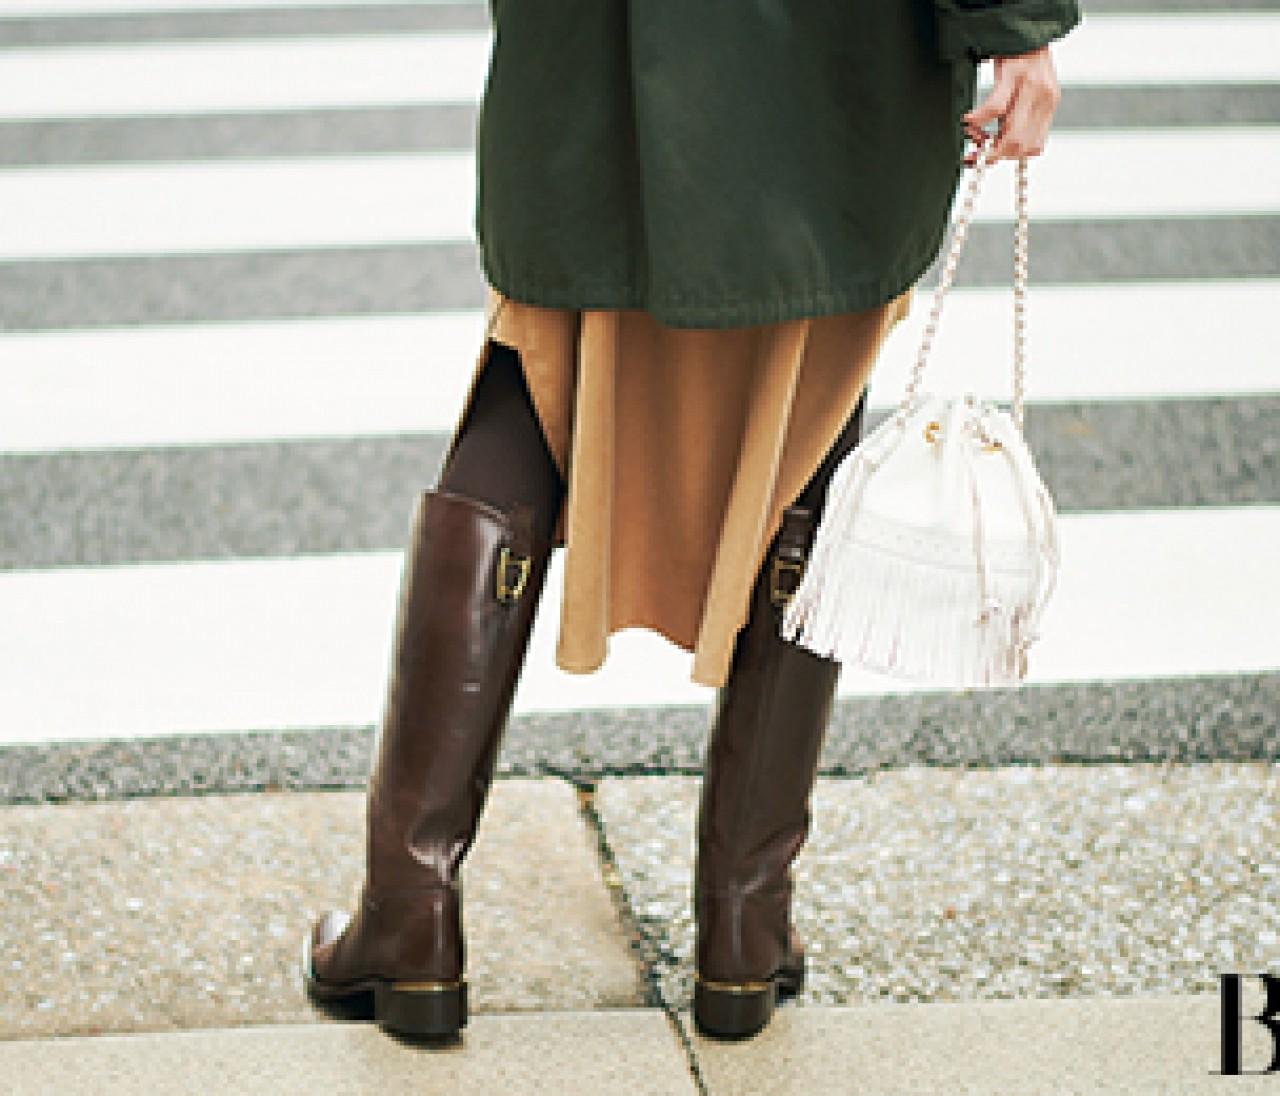 昔のロングブーツ、どれなら履いてOK? 古くさくならないには